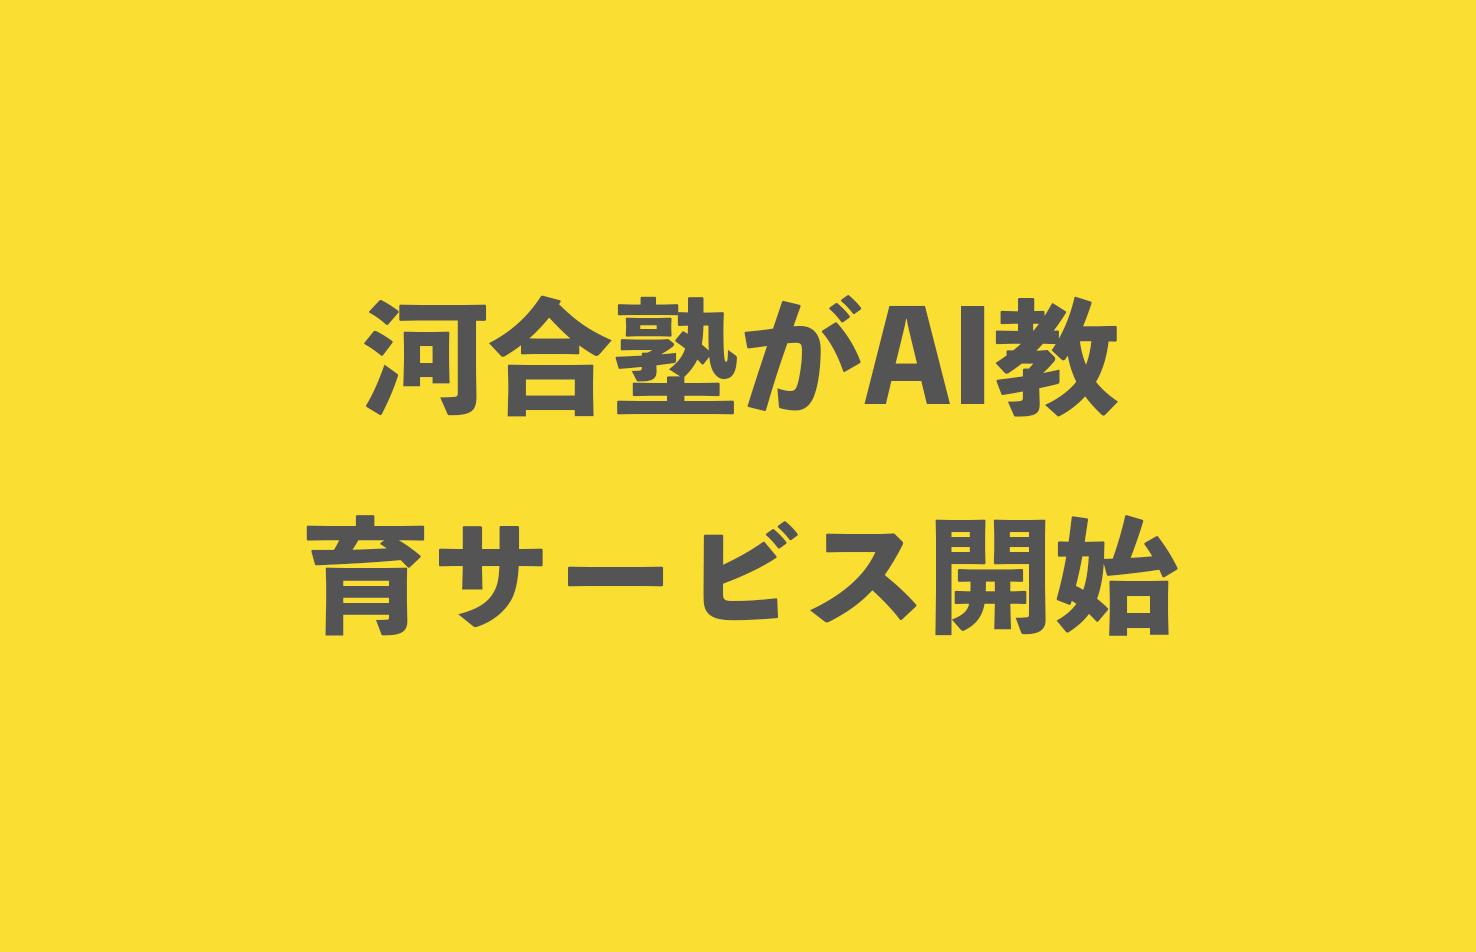 """河合塾の指導ノウハウを詰め込んだAI教育サービス「河合塾One」を提供開始style=""""display:"""